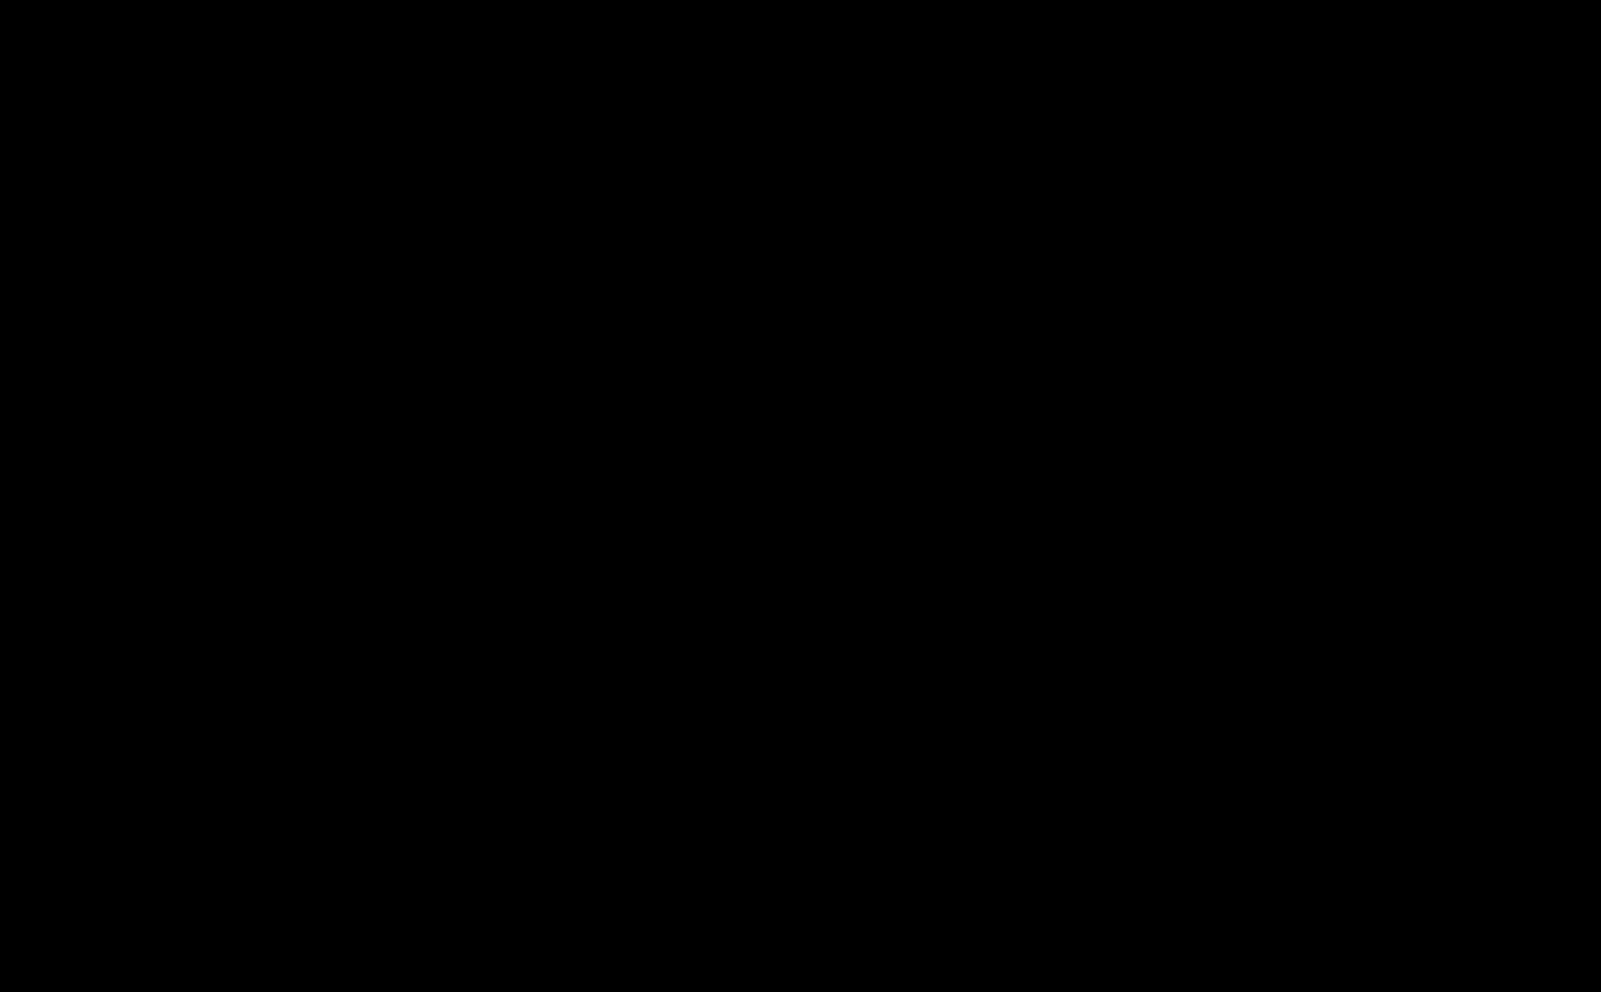 (2E,4S)-5-[1,1'-Biphenyl]-4-yl-4-[[(1,1-dimethylethoxy)carbonyl]amino]-2-methyl-2-pentenoic Acid